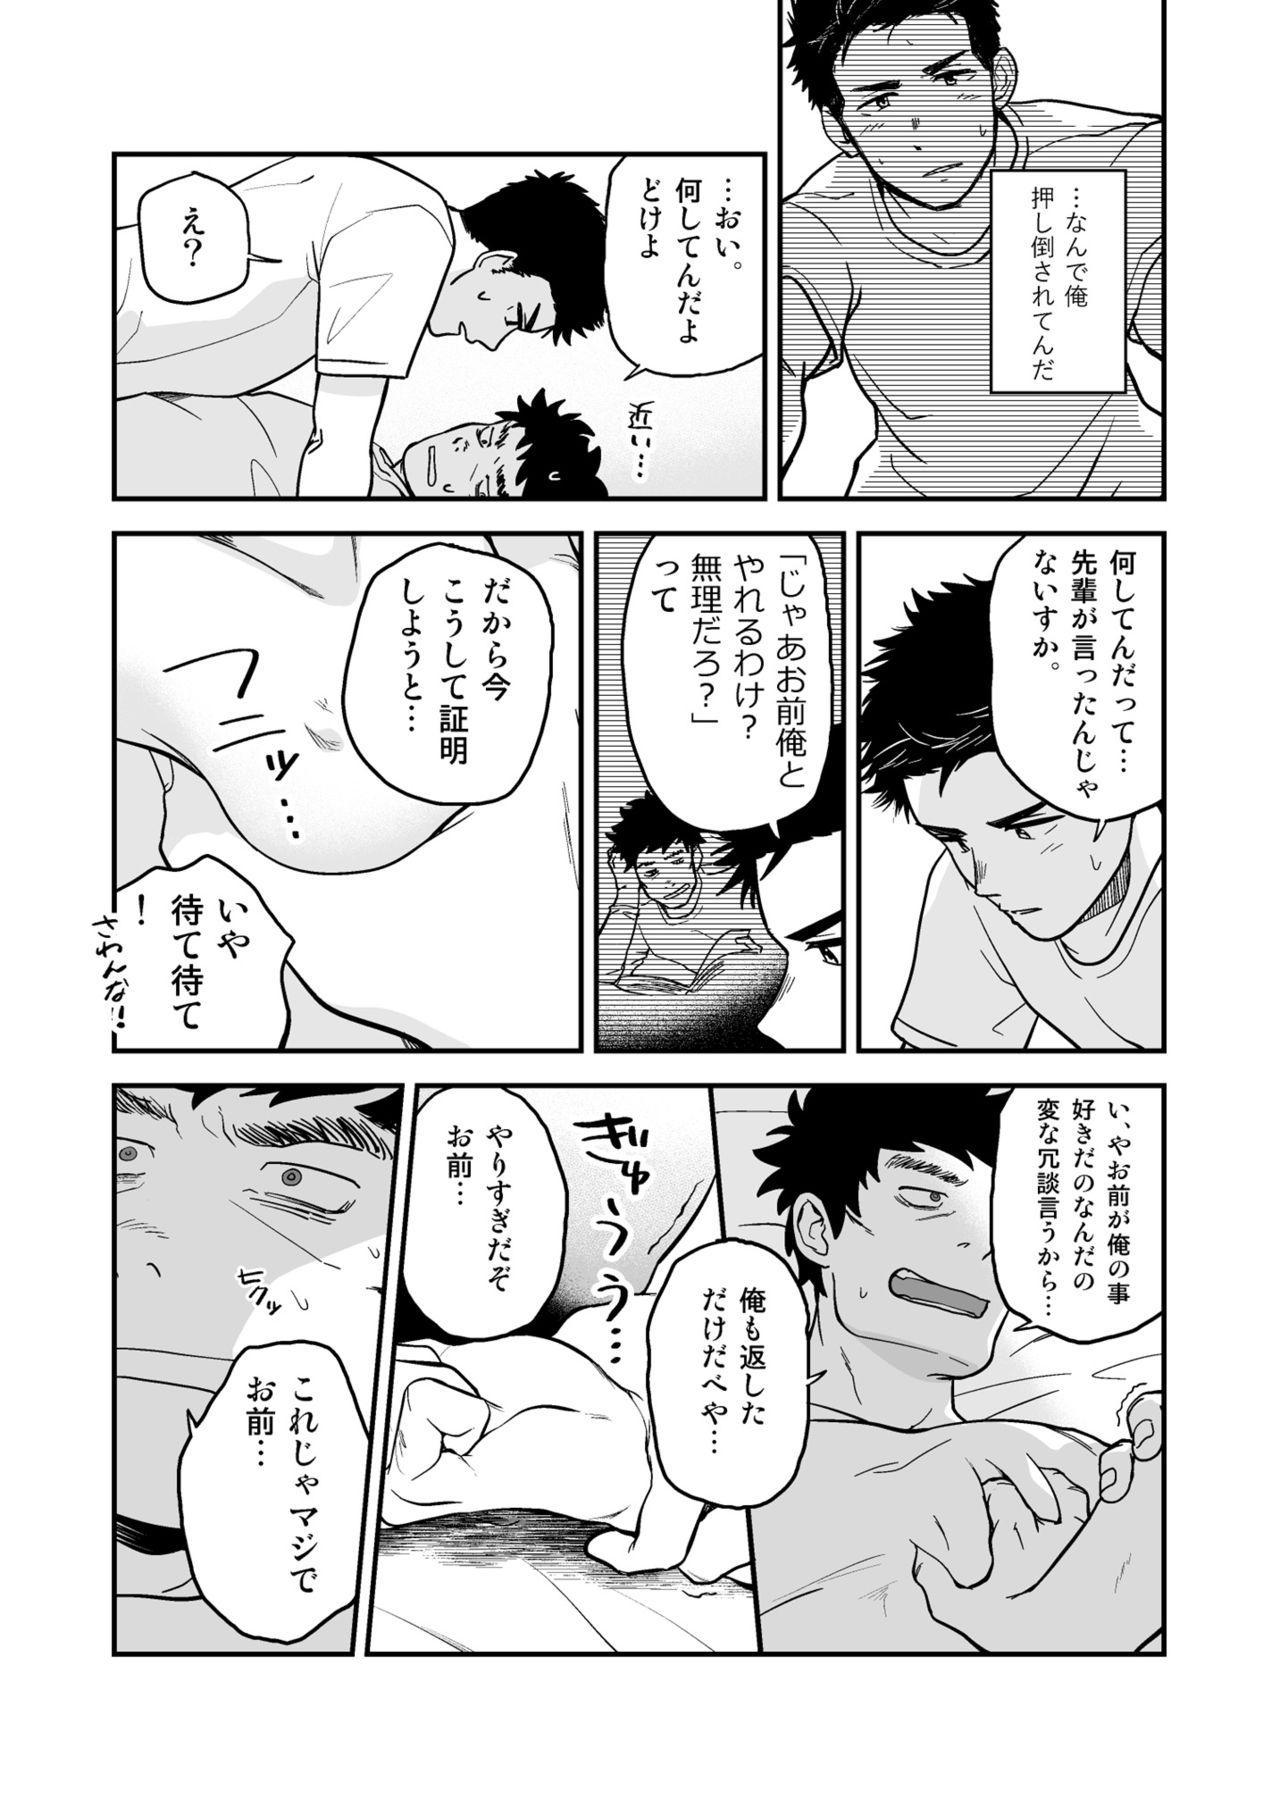 Endou to Senpai 2